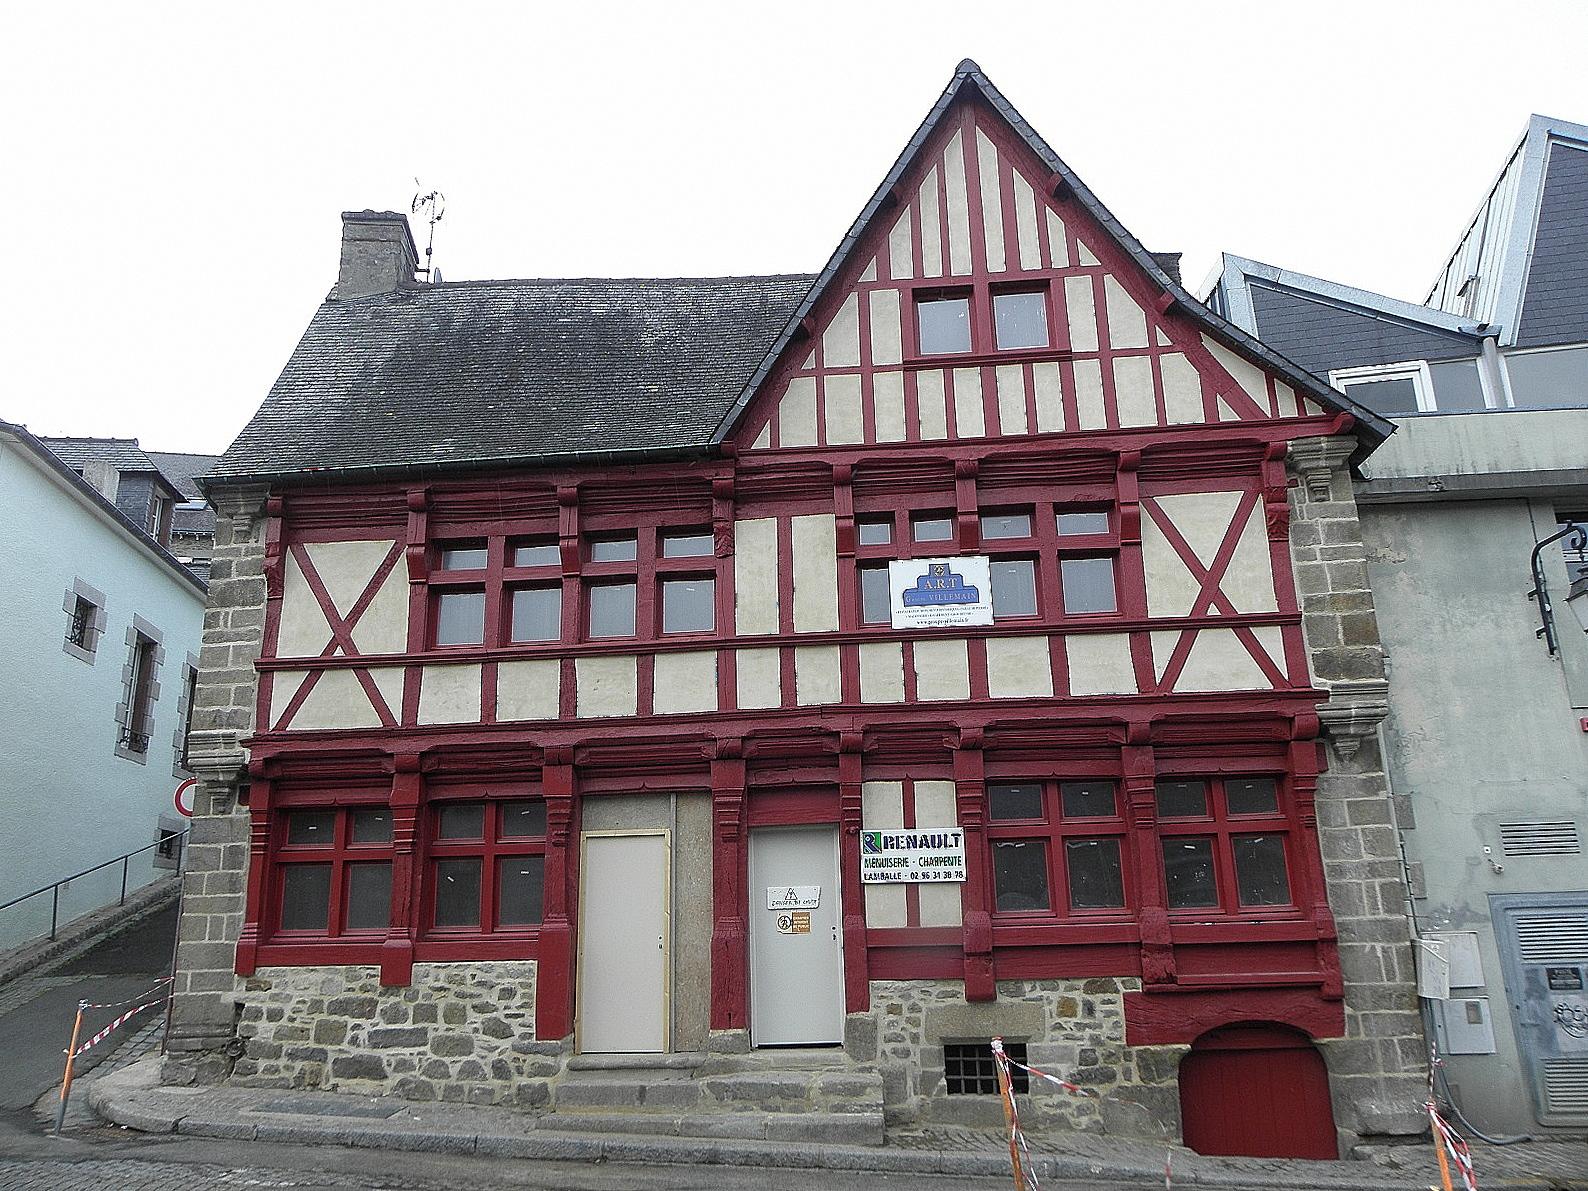 Barriere Maison file:saint-brieuc (22) maison de la barrière - wikimedia commons